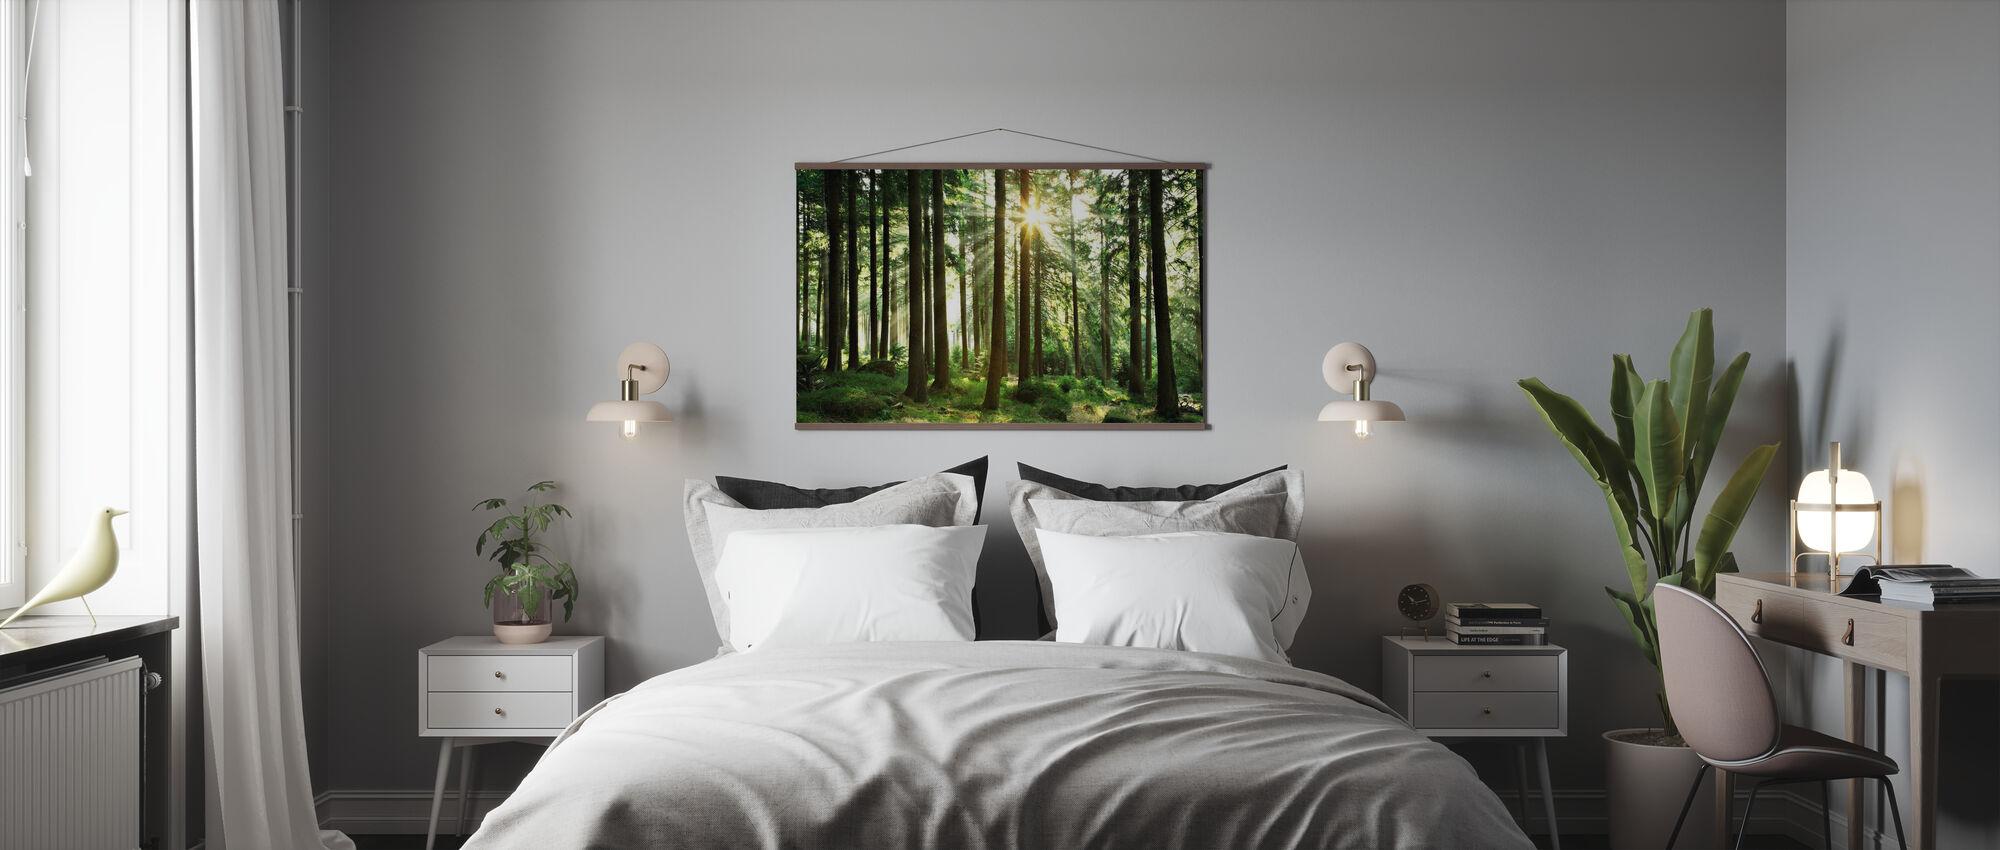 Solstråle gjennom Trær - Plakat - Soverom